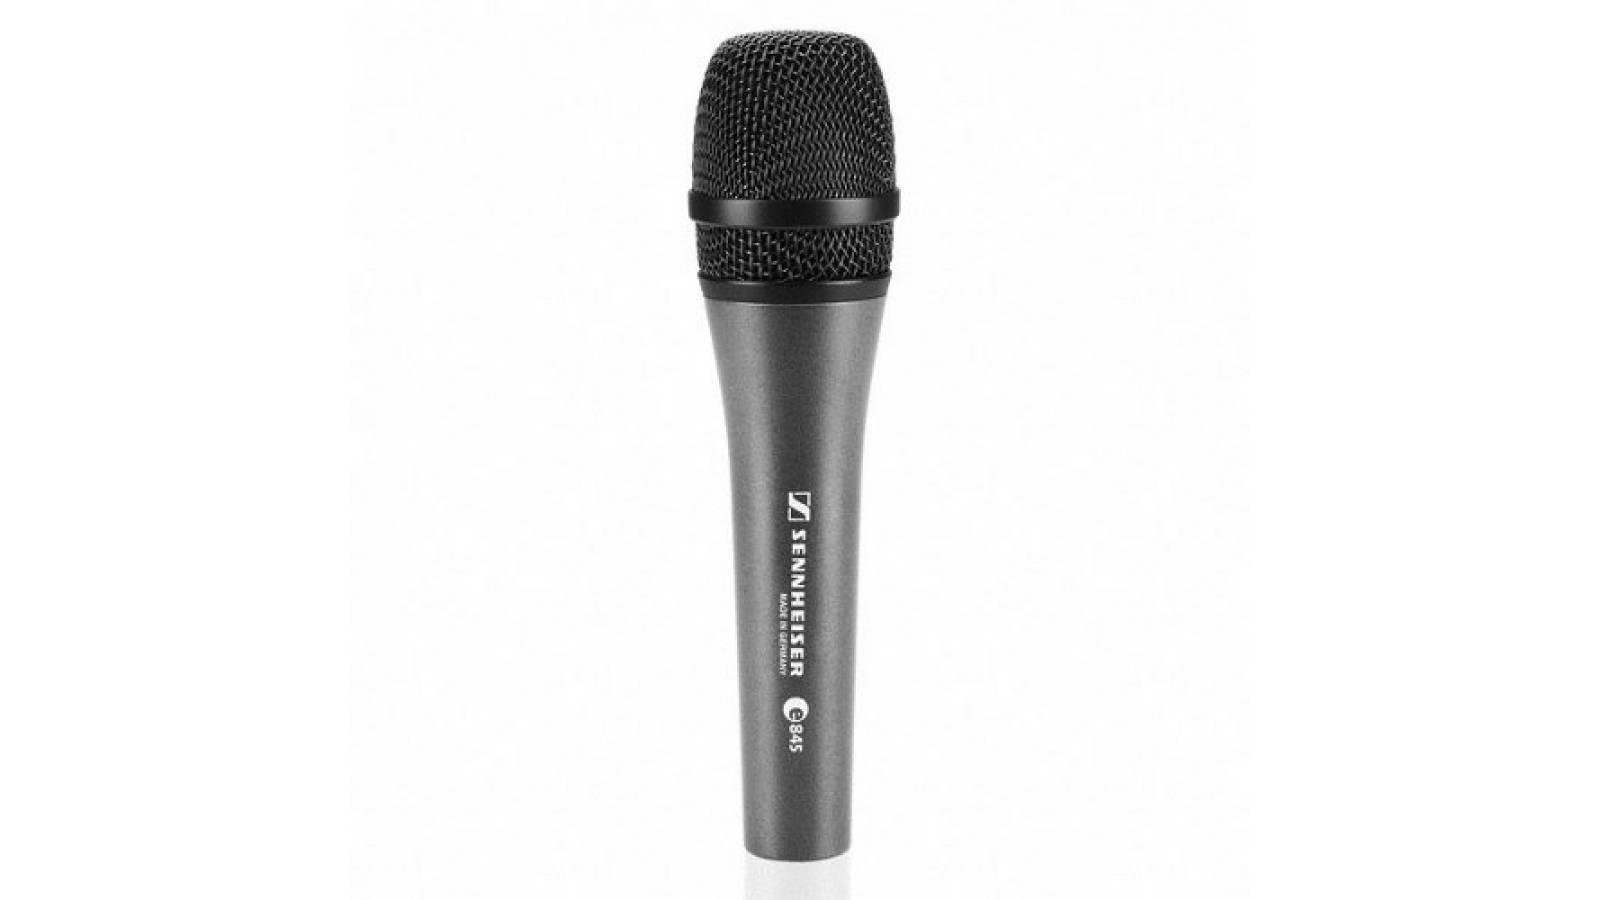 Microfono Senheiser E845 Vocal Dinámico Cardioide